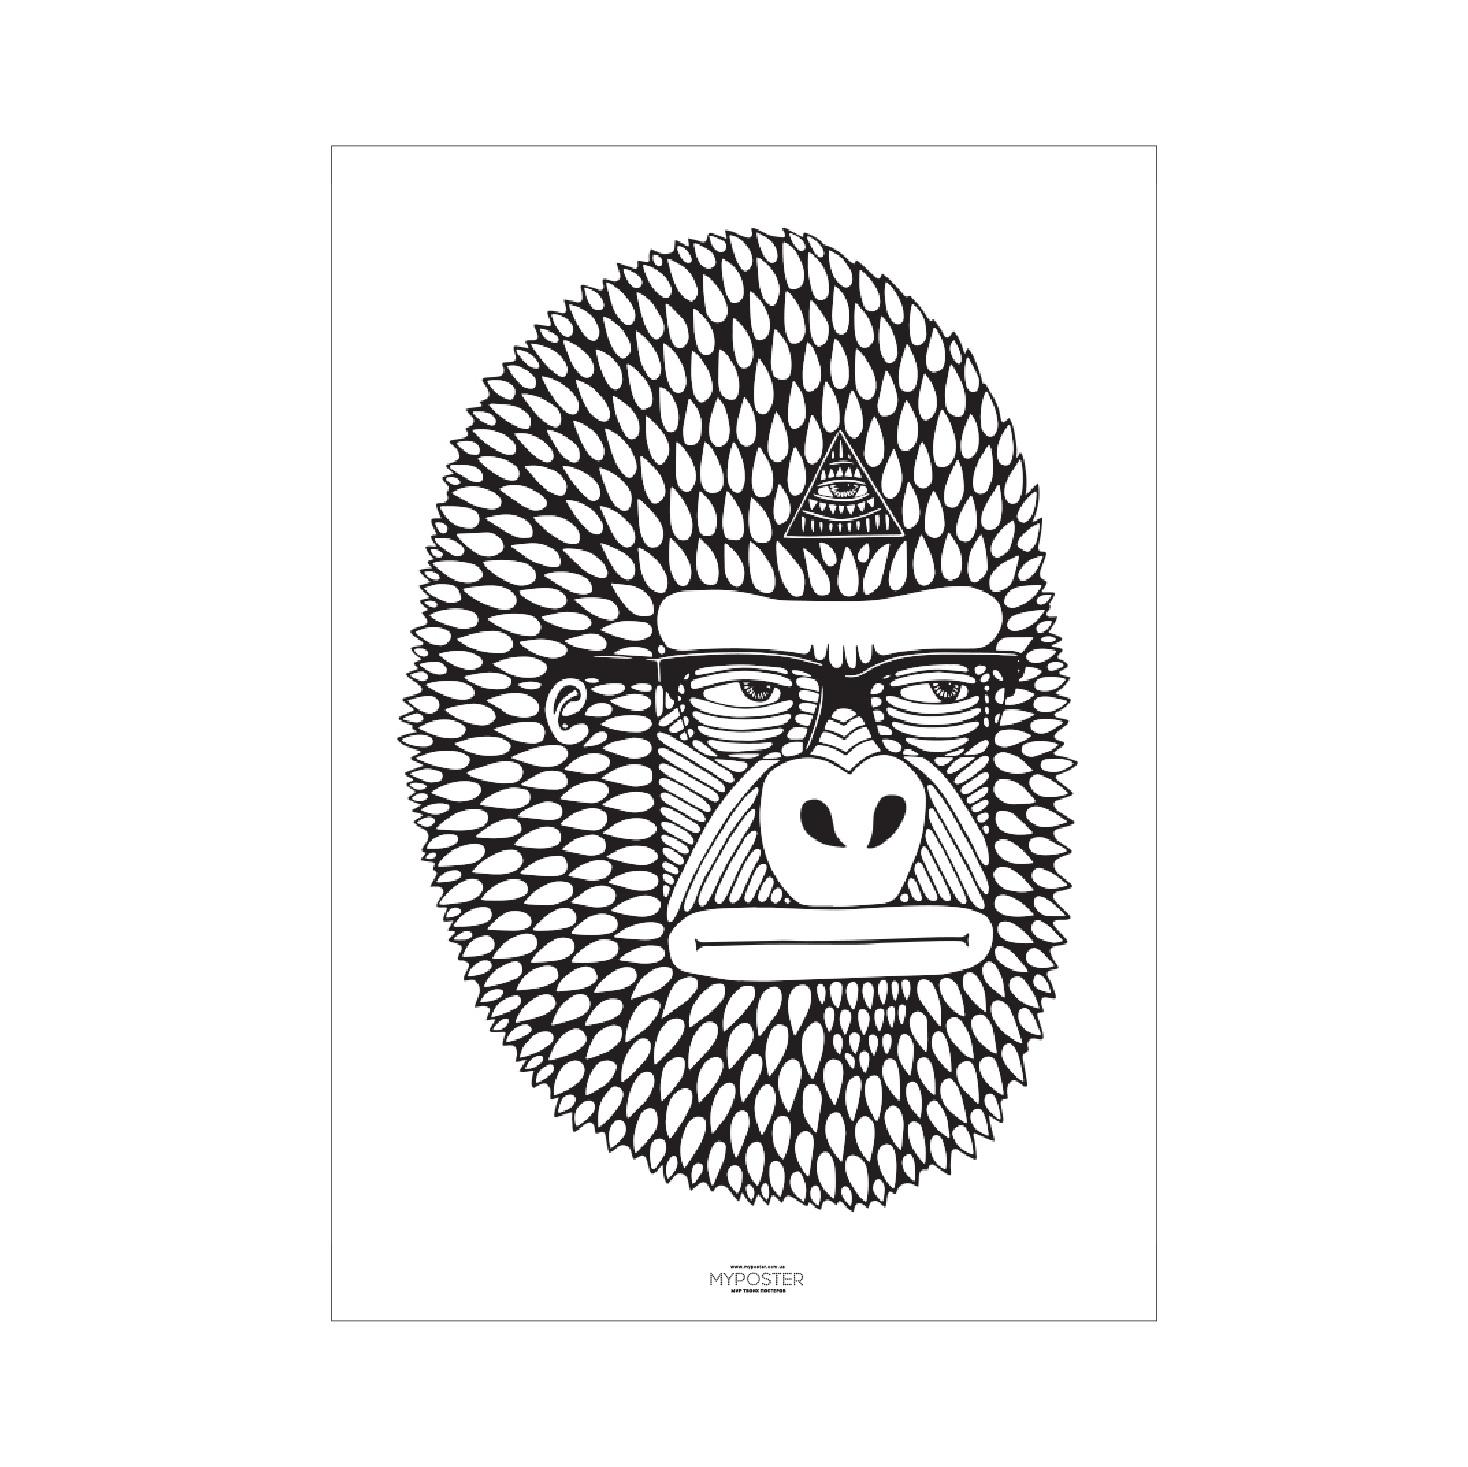 купить раскраску Monkey магазин мой постер